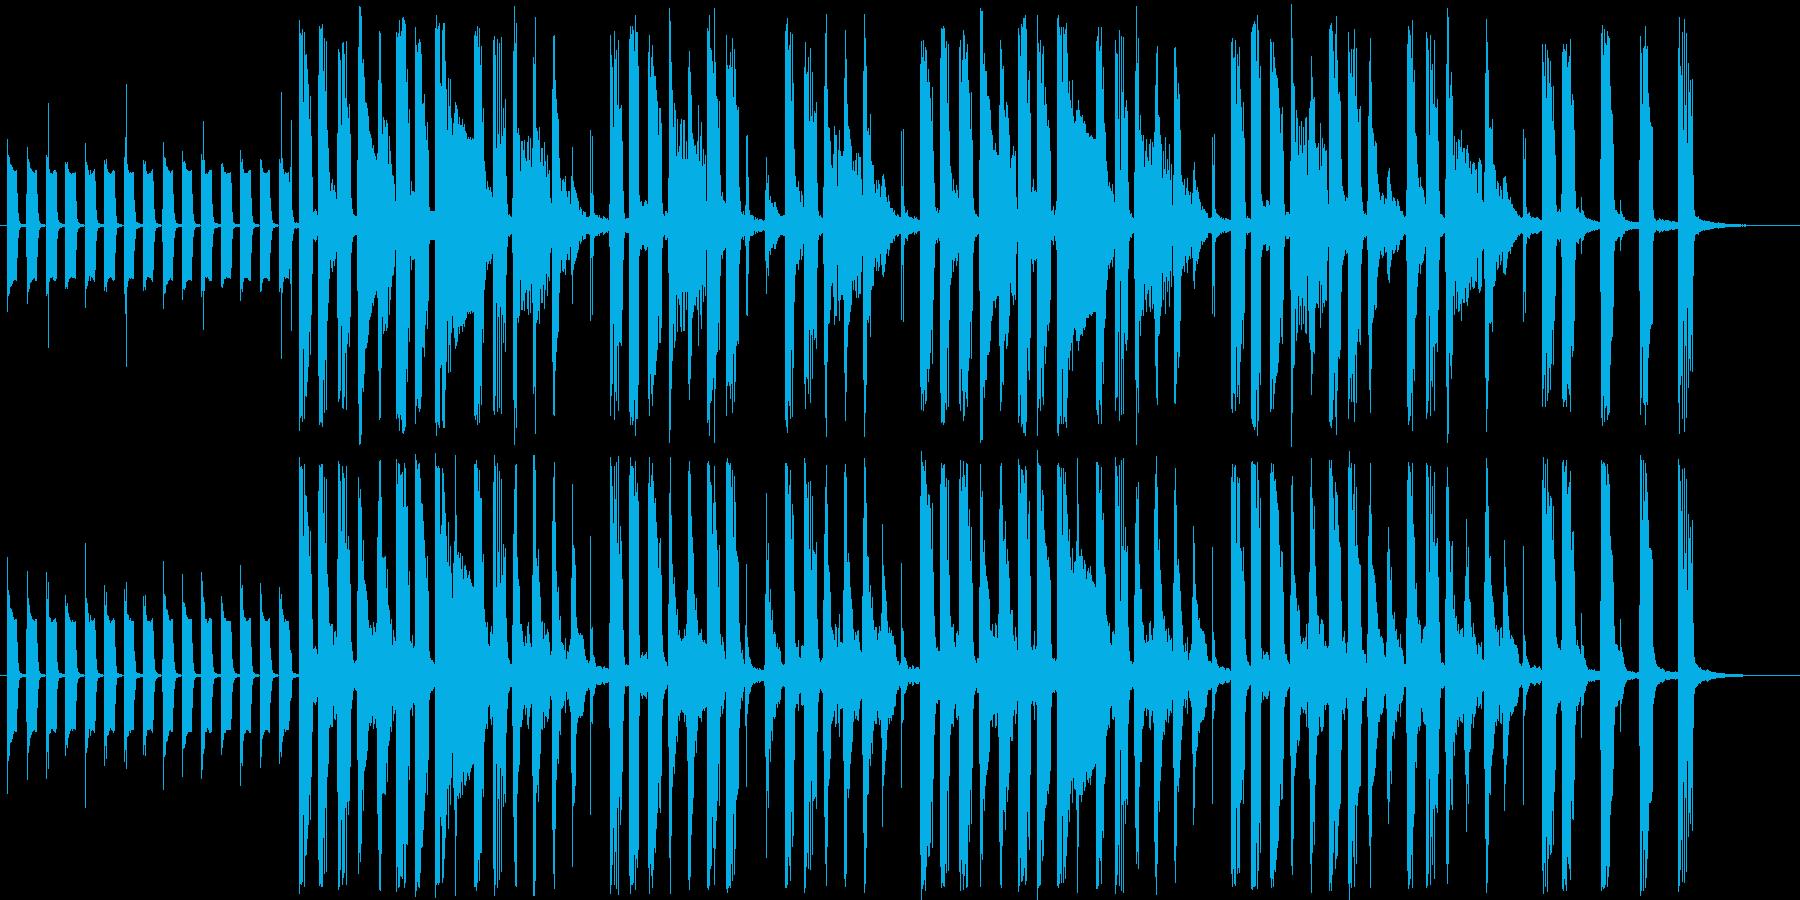 ほのぼのしたシンセサイザー短めジングルの再生済みの波形